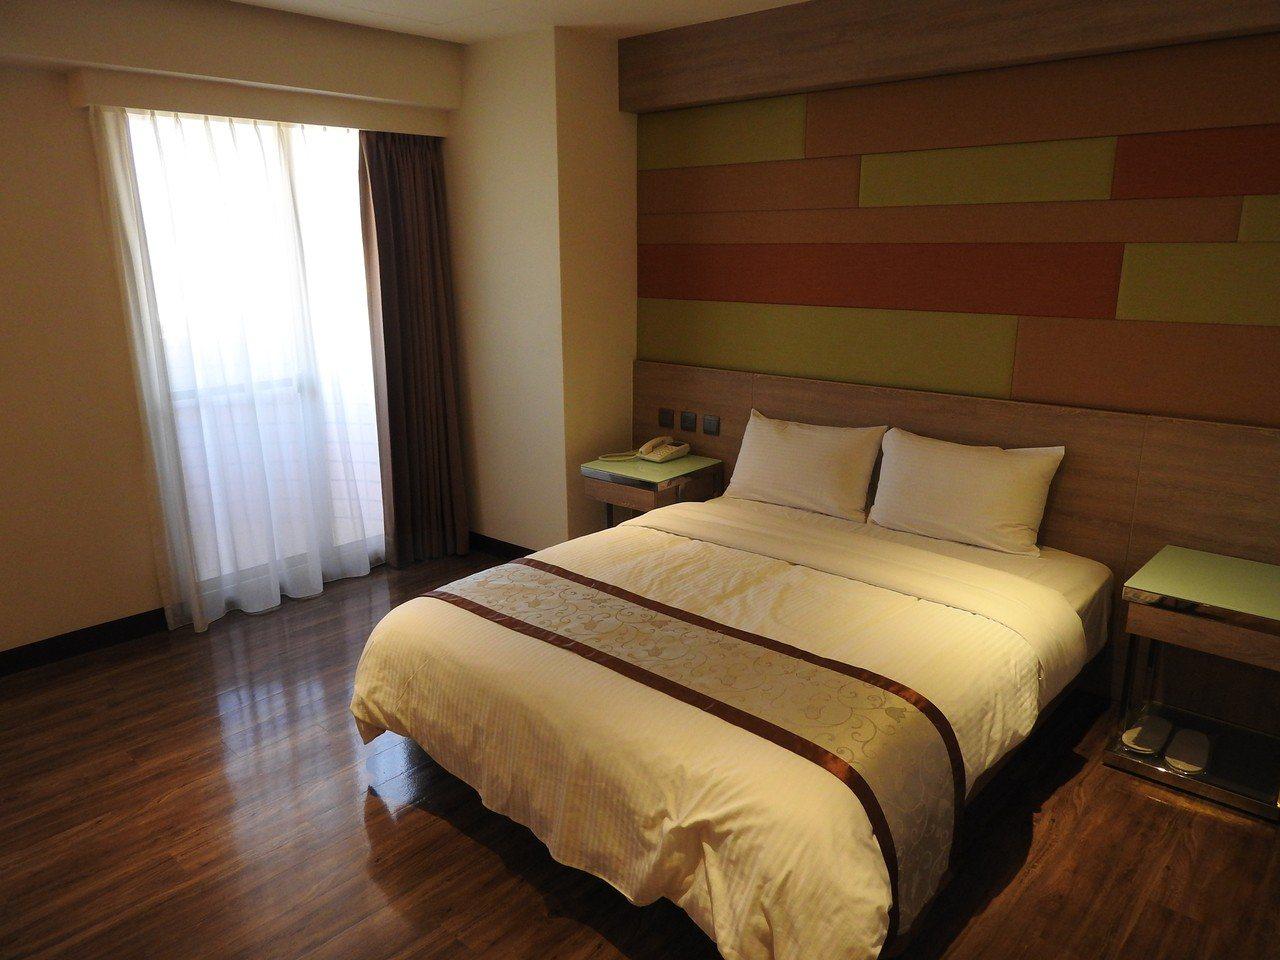 埔里鎮有飯店業者砸千萬元翻新設備,提升品質拉高滿意度,藉此拚回住率且開發新客源。...